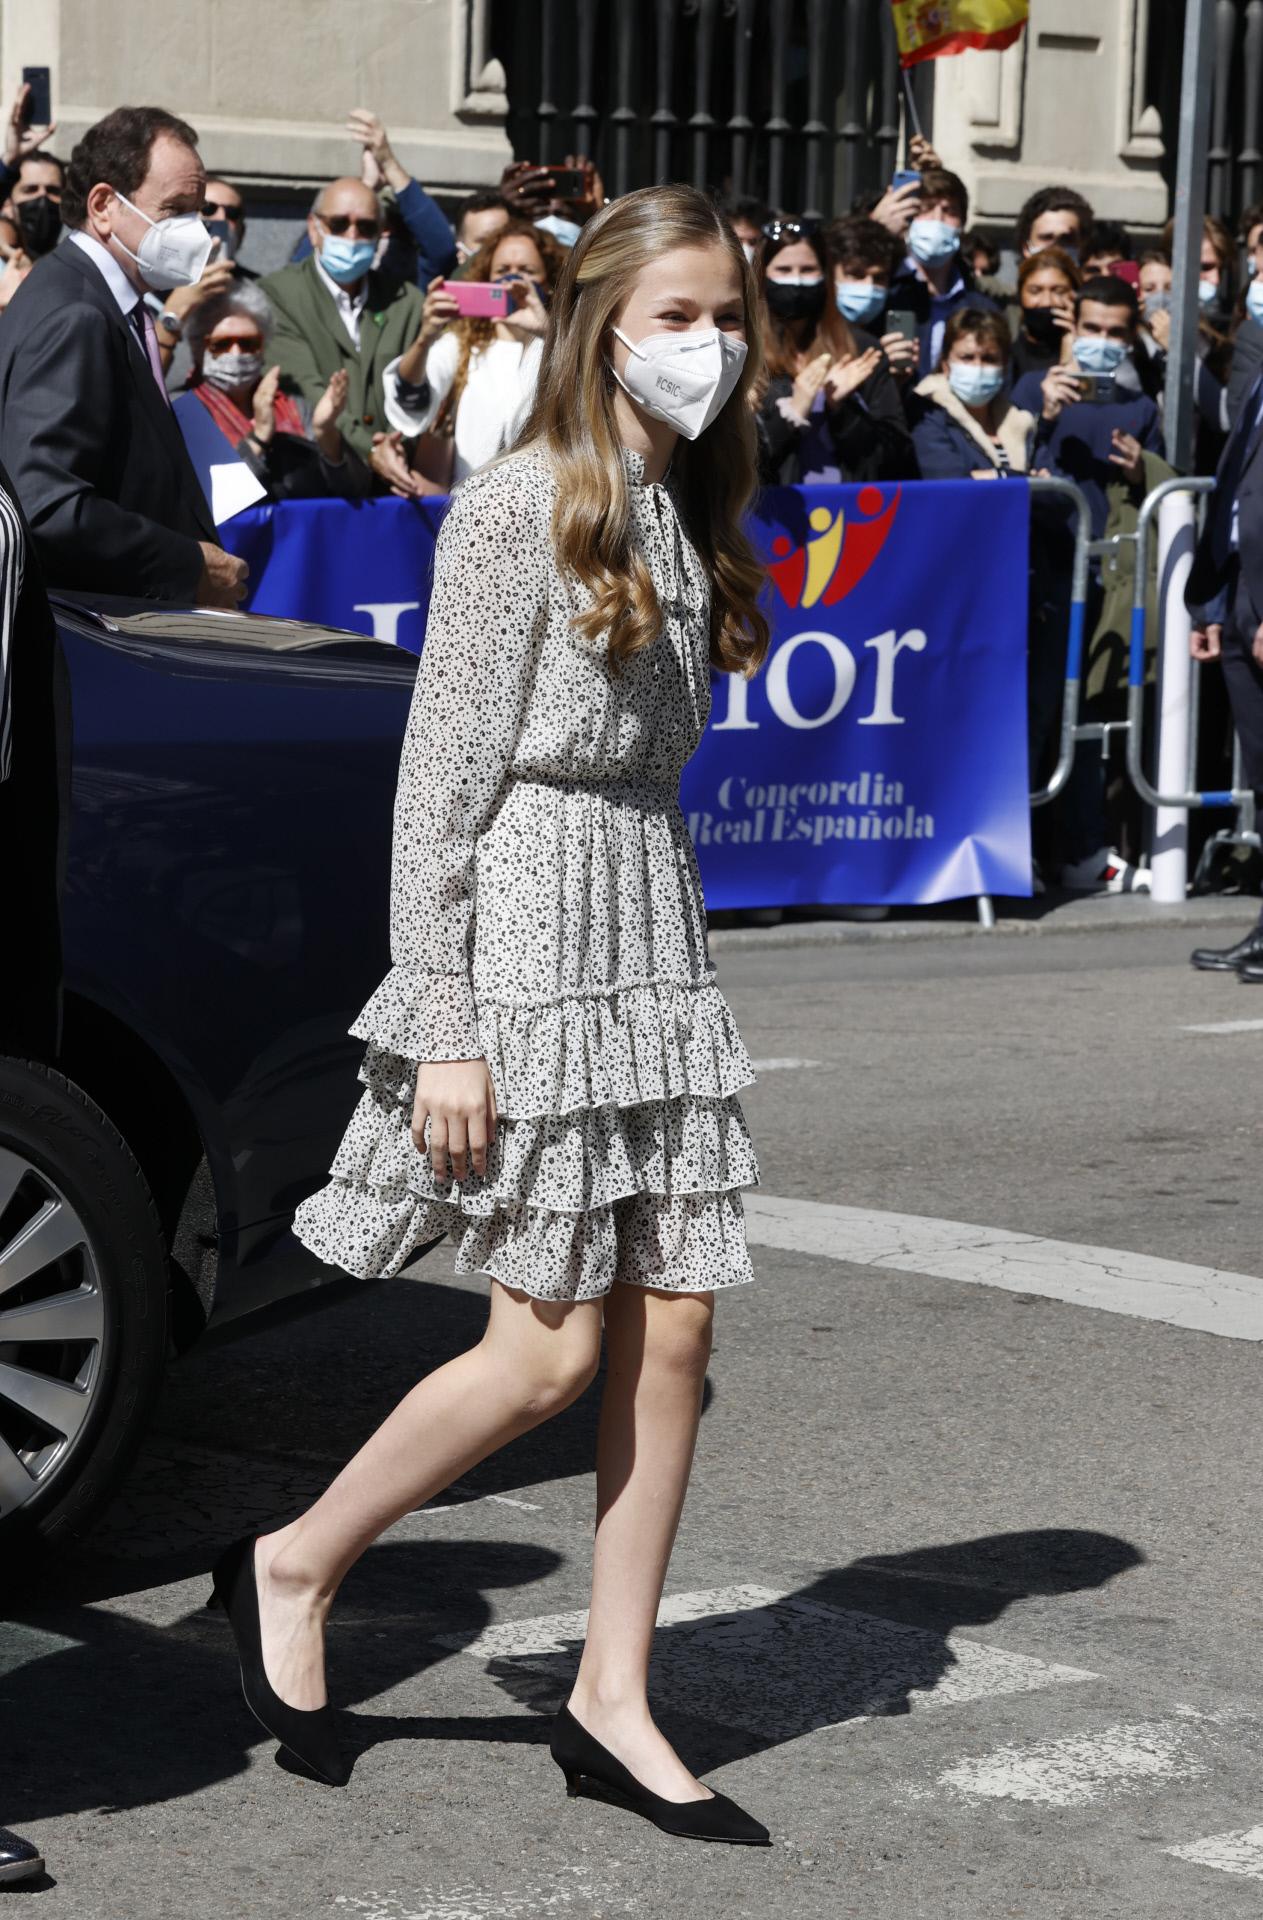 Princess Eleanor in Poeté's dress.